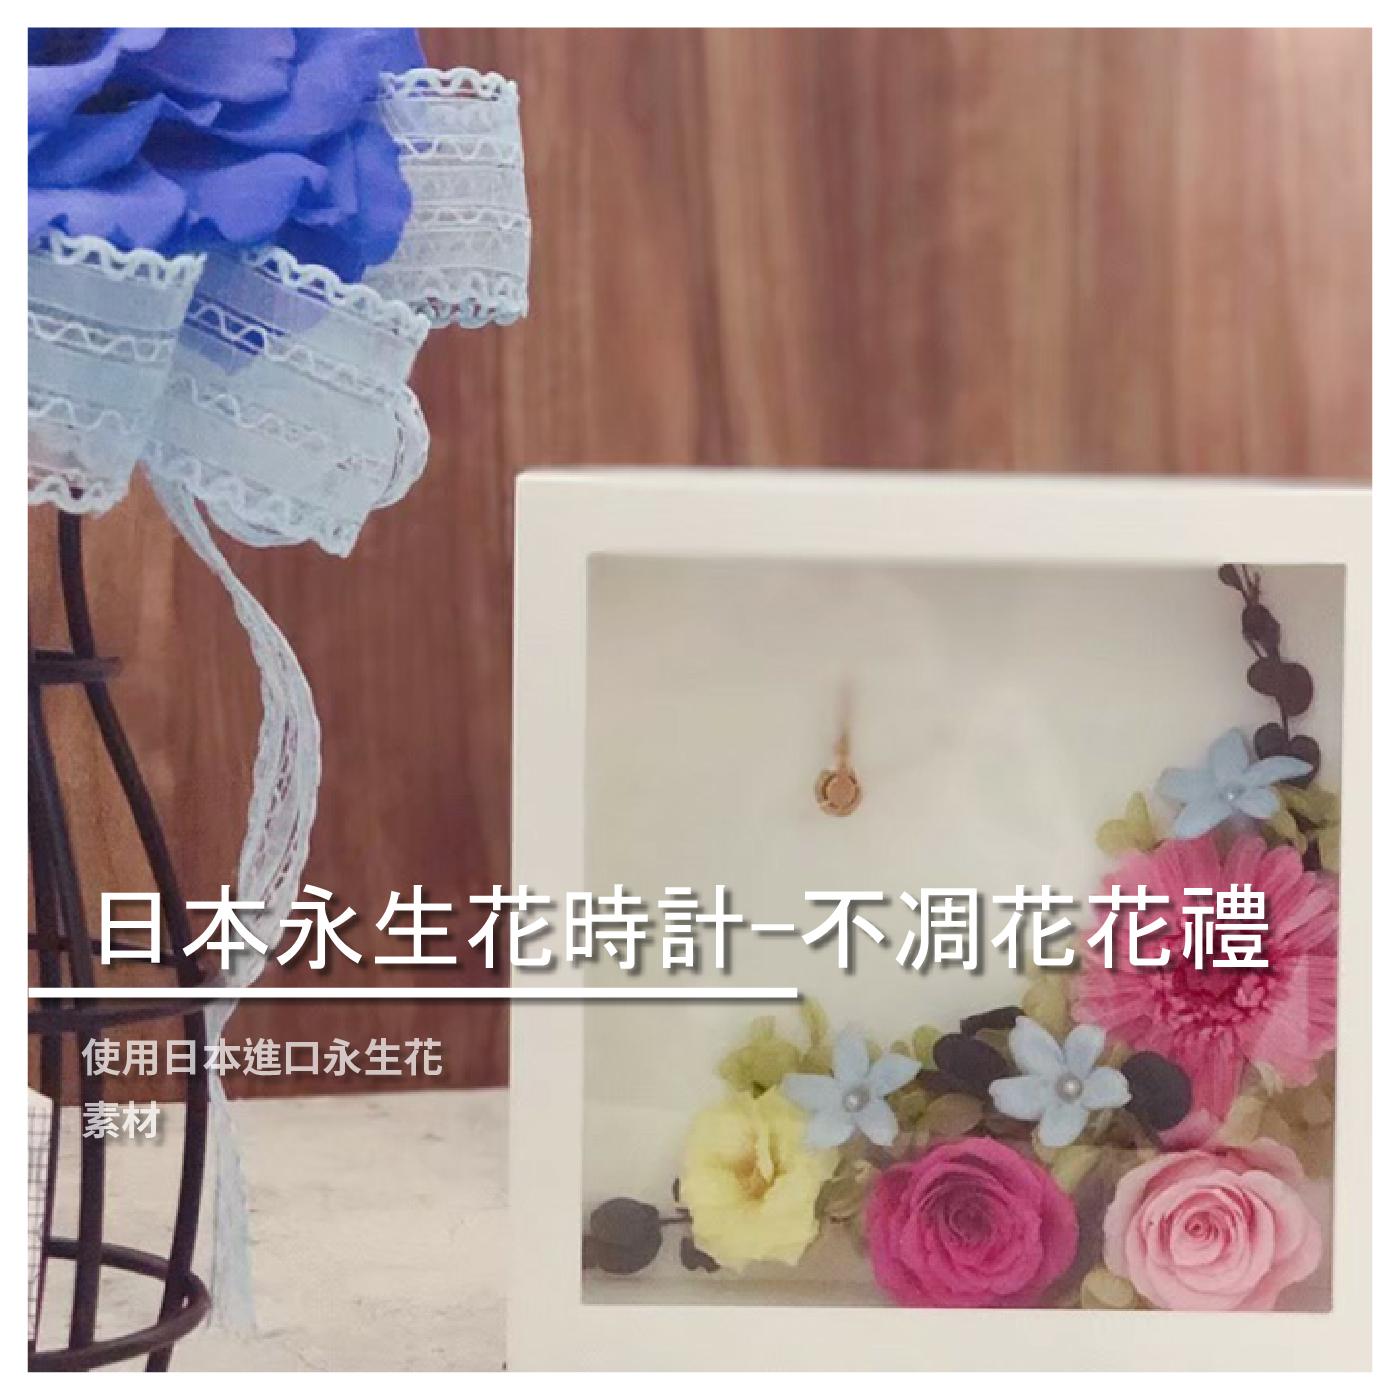 【花想容Flower Appearance】日本永生花時計-不凋花花禮/永生花/乾燥花/園藝/交換禮物/情人節禮物